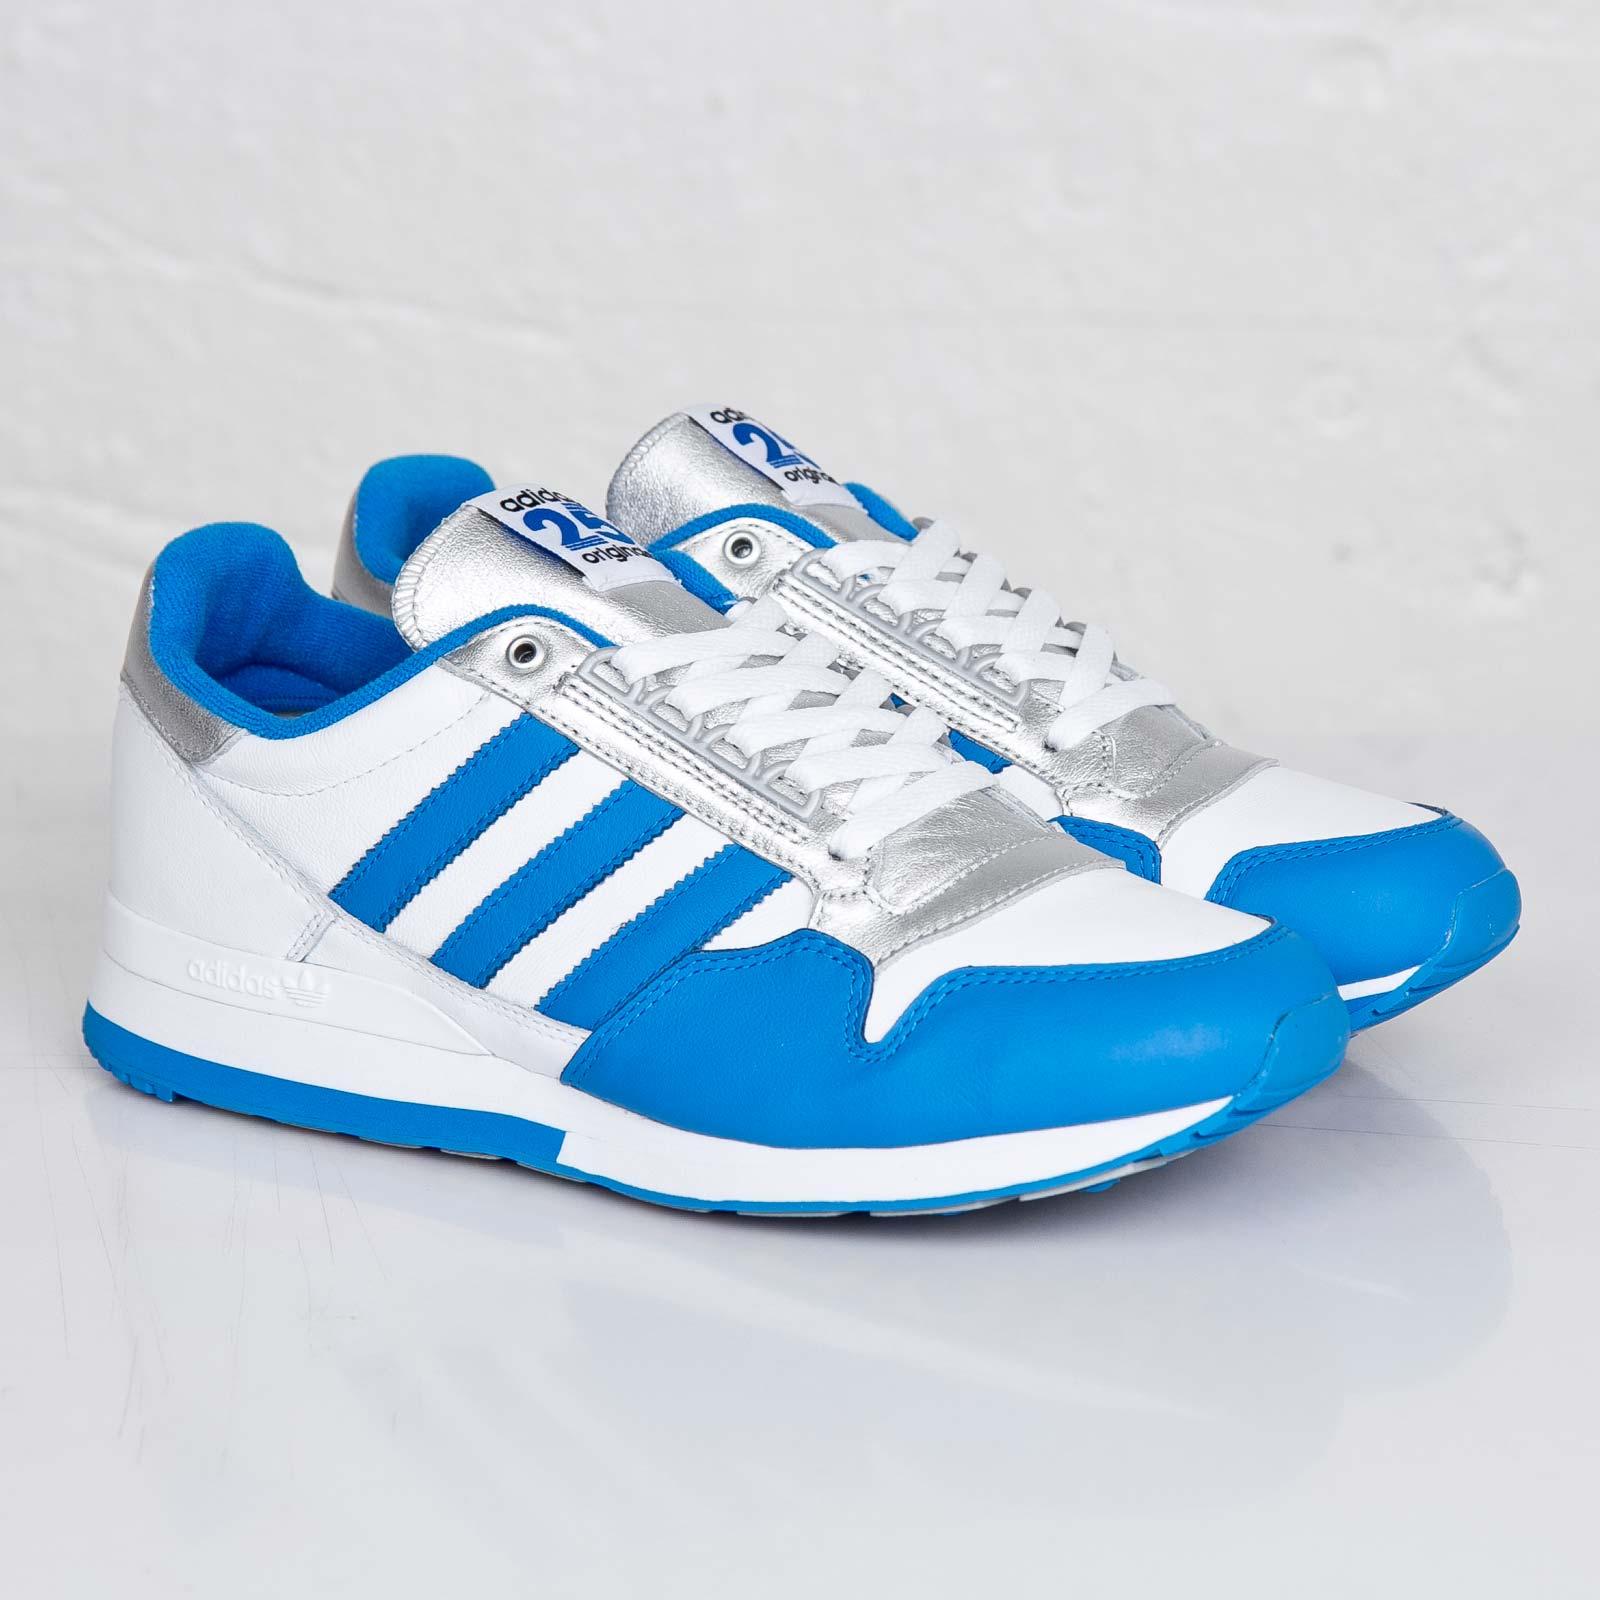 db345cc36fe3b adidas ZX 500 OG Nigo - M21520 - Sneakersnstuff